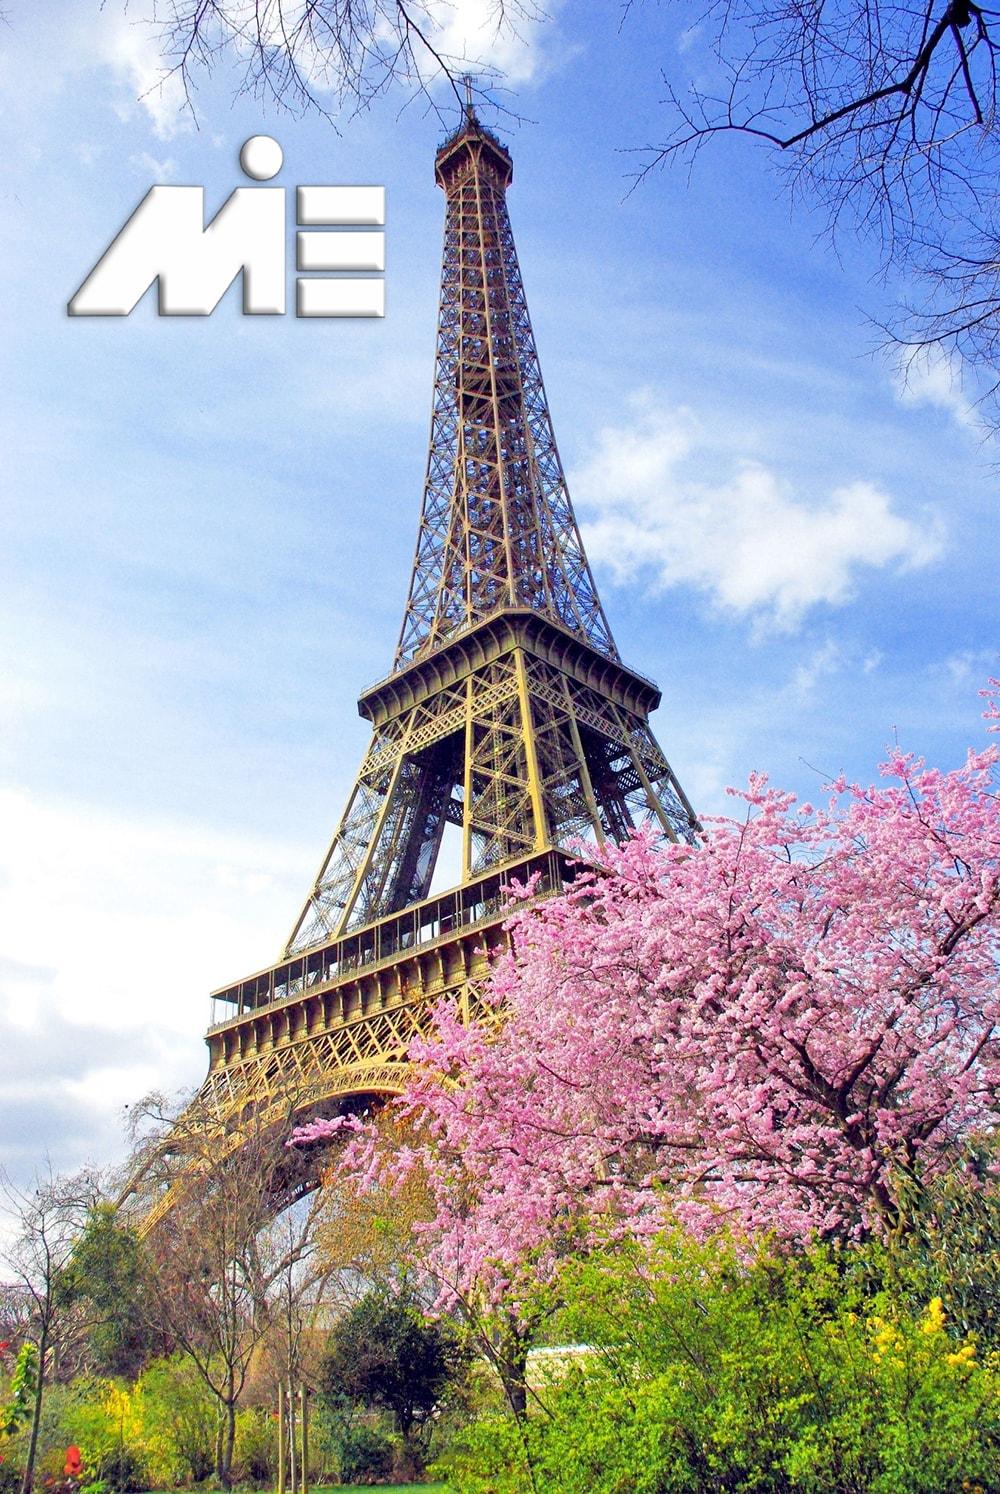 مهاجرت به فرانسه - مسافرت به فرانسه - تحصیل در فرانسه